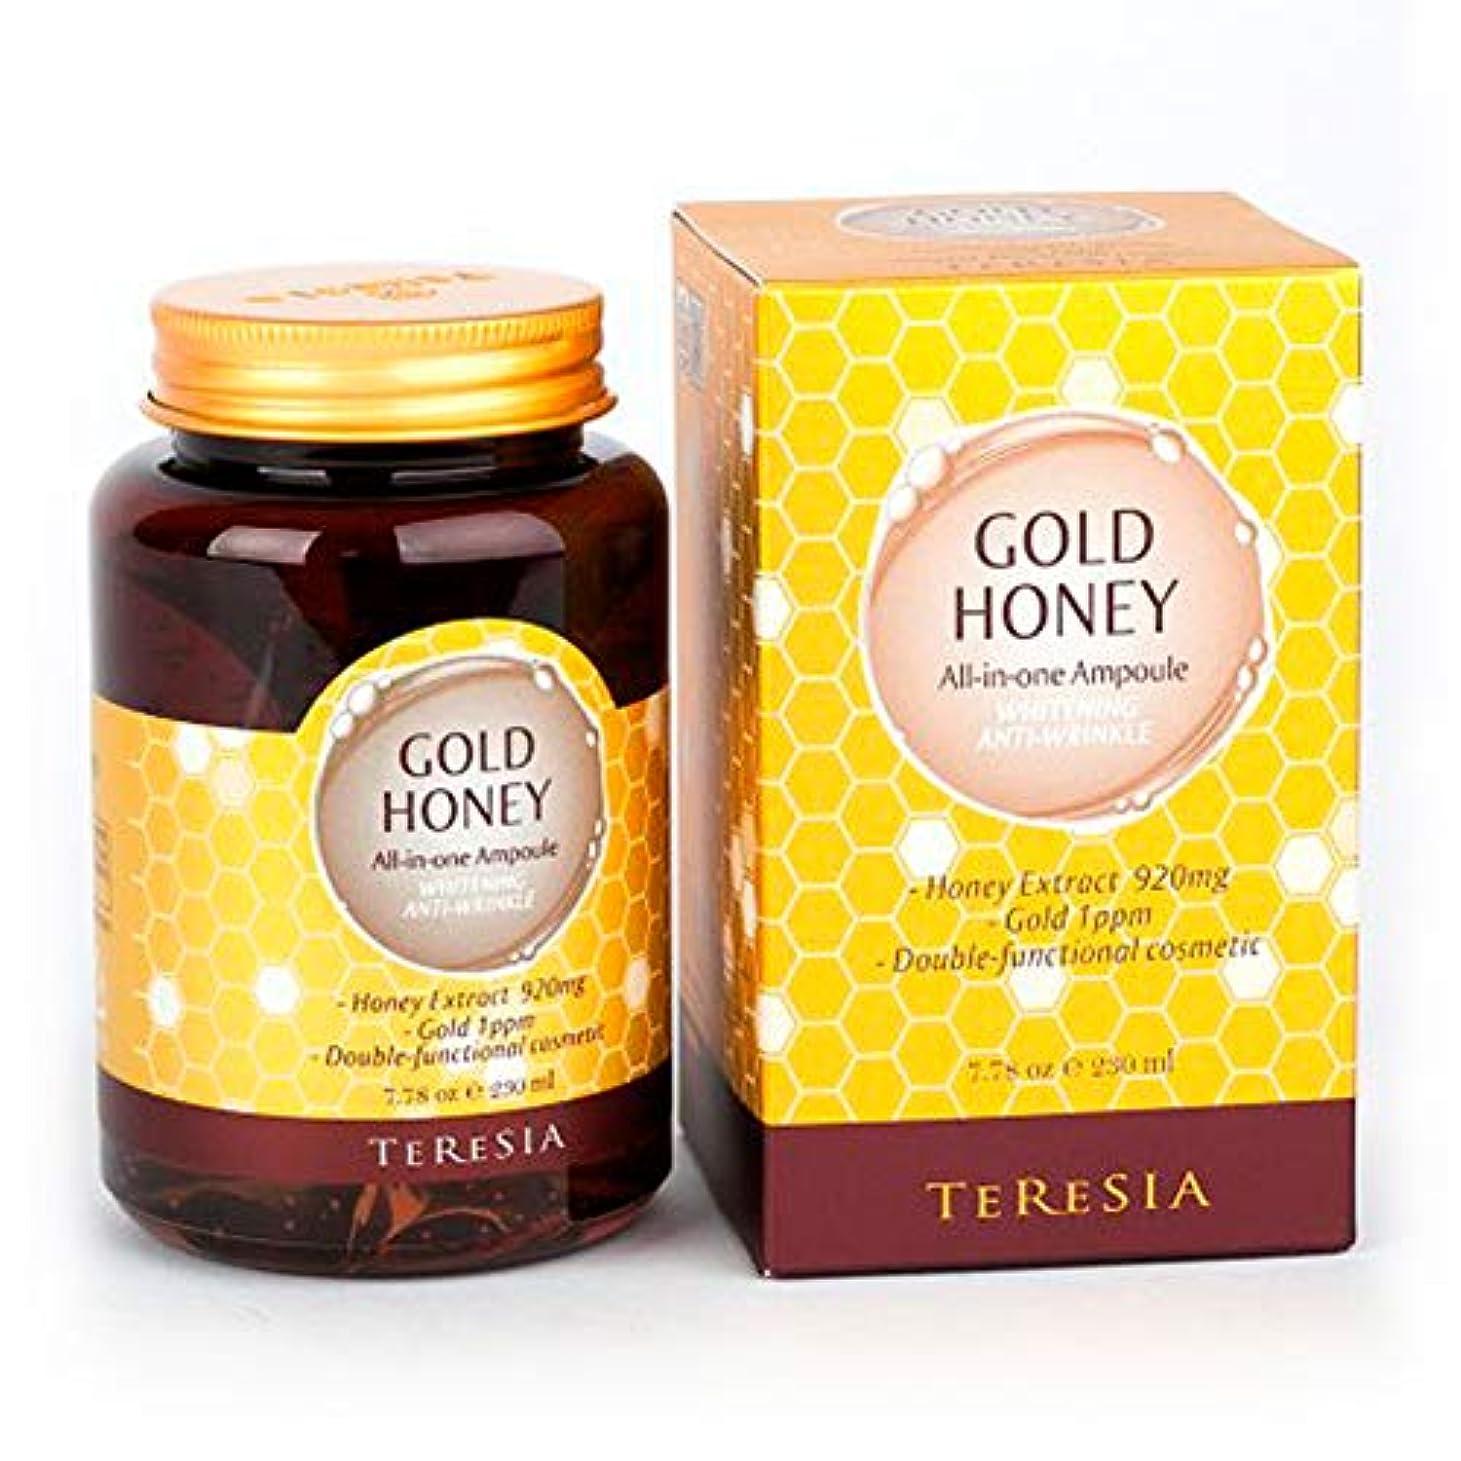 致命的な帰するゴミ[(テルシア)TERESIA] テルシア·ゴールドハニー大容量 230ml オールインワン·アンプル シワ,美白二重機能性化粧品